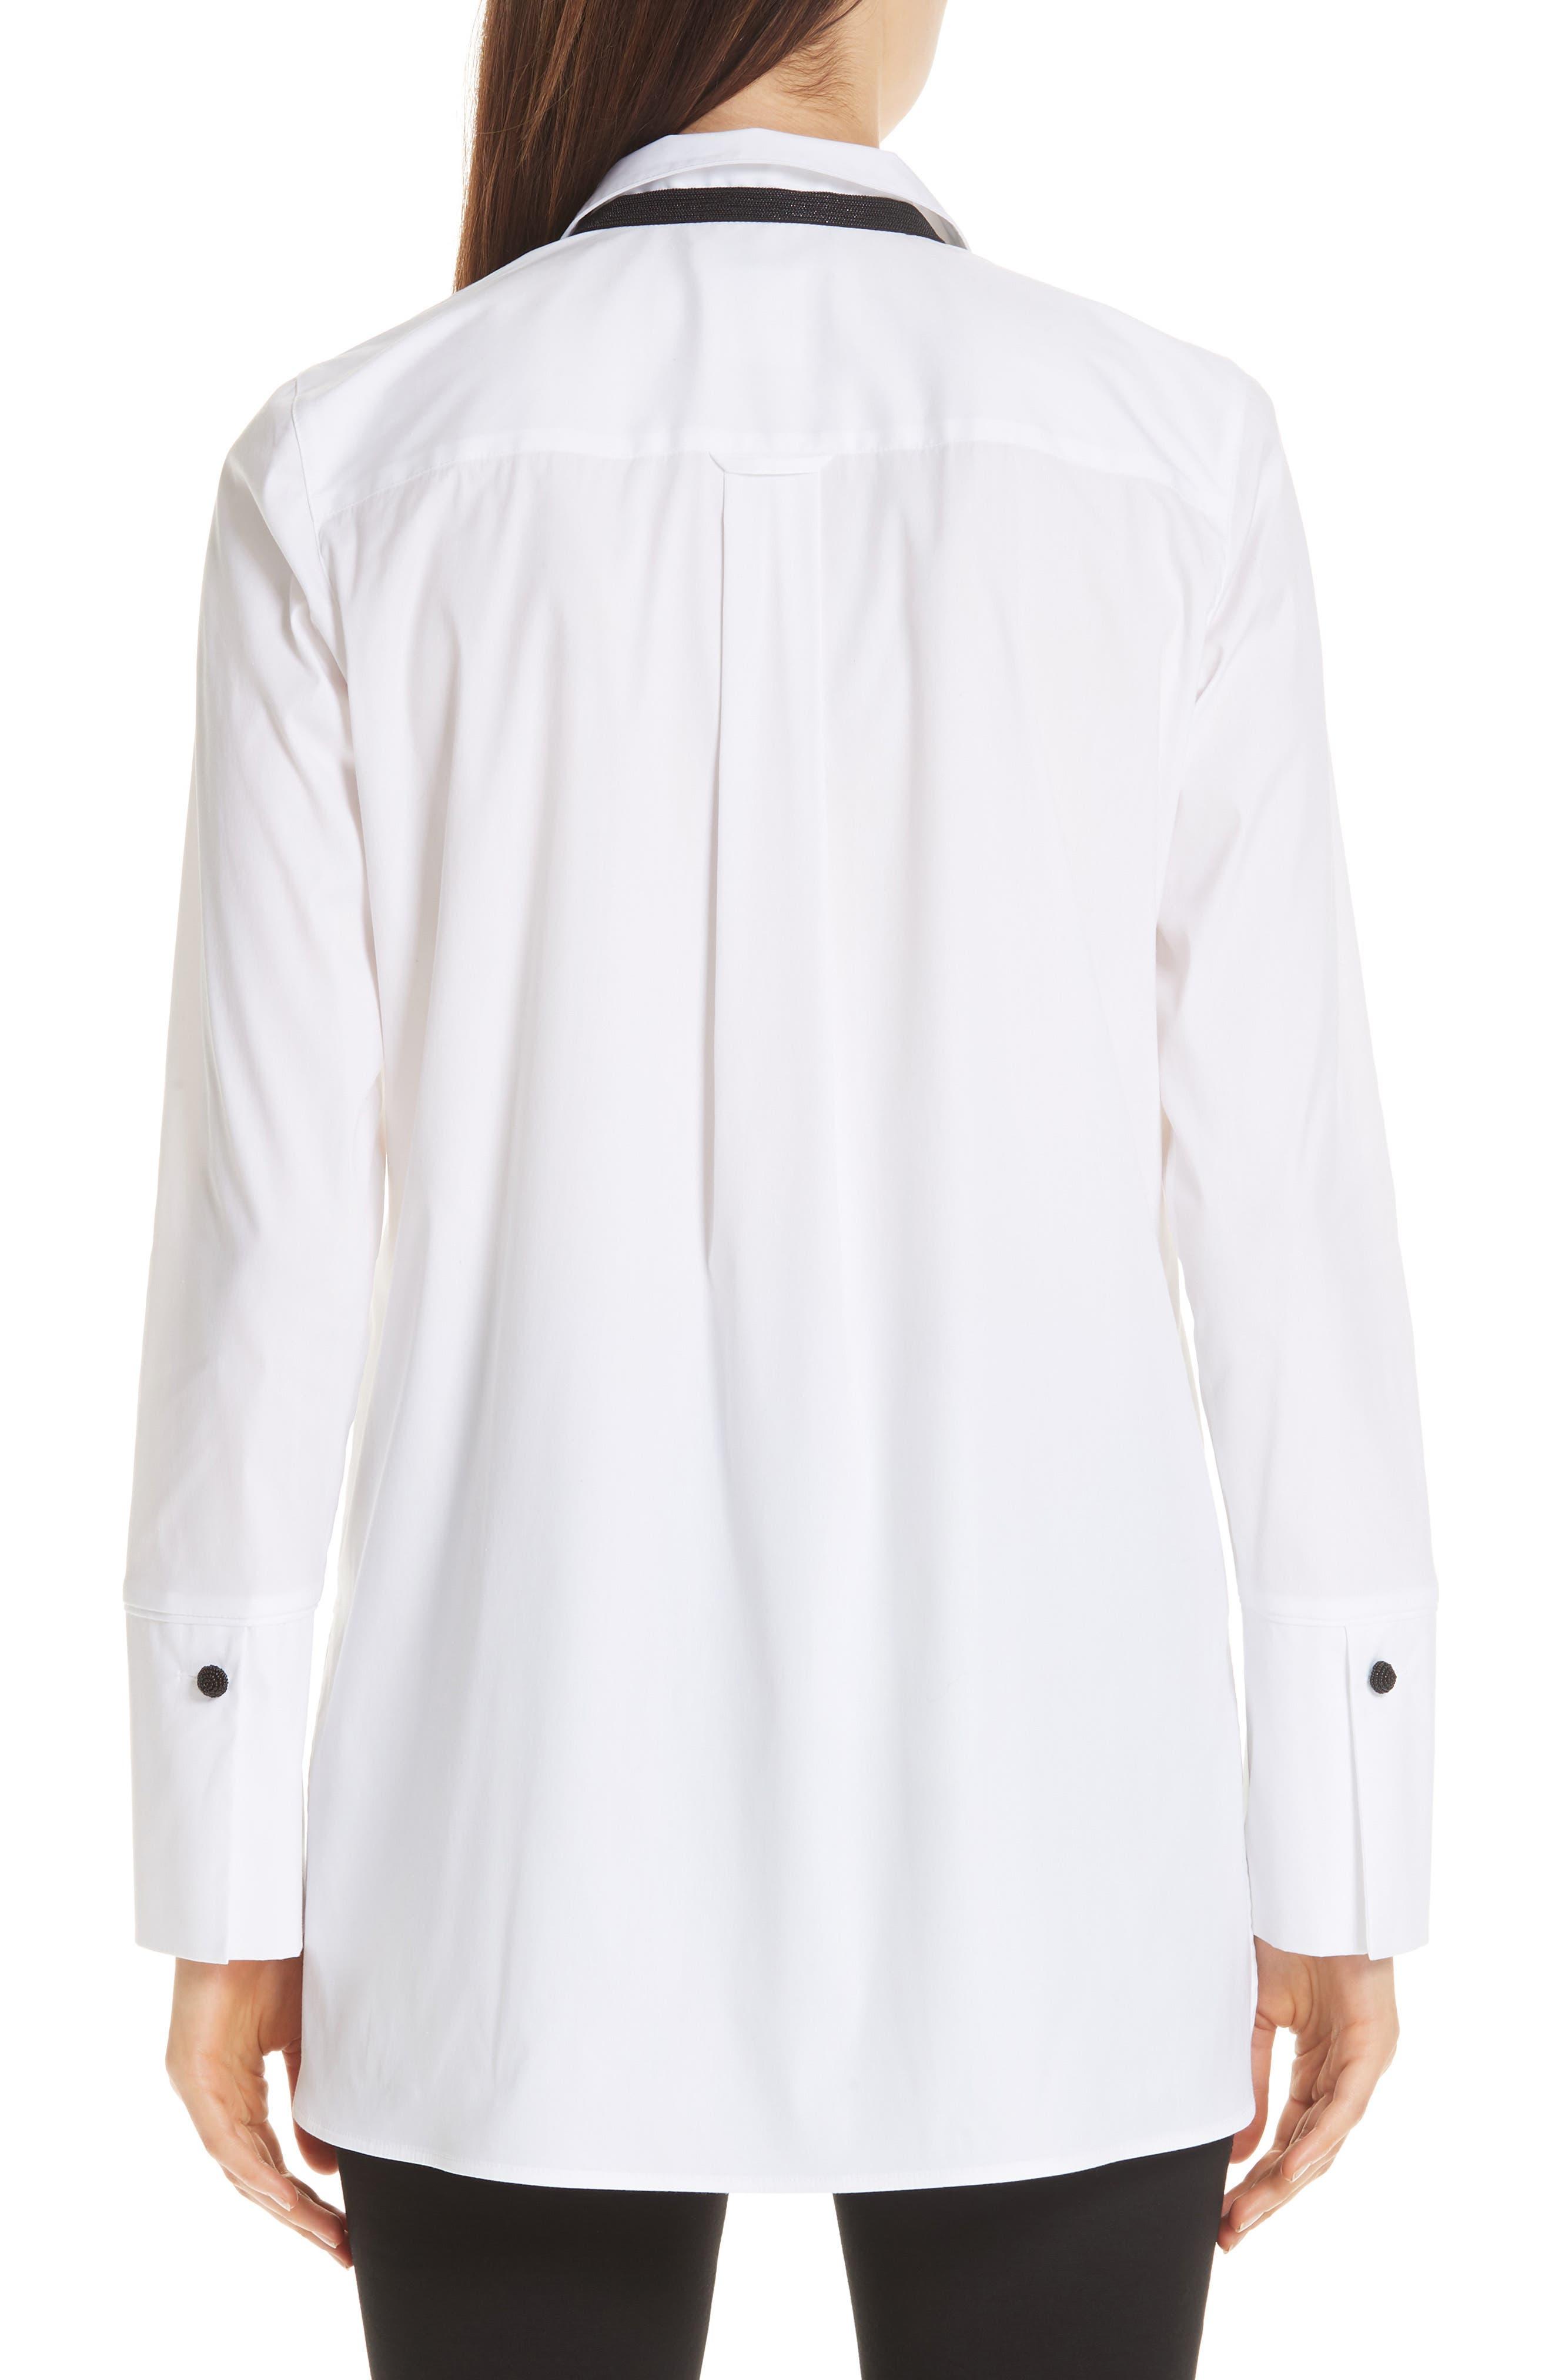 Annaliese Shirt,                             Alternate thumbnail 3, color,                             WHITE